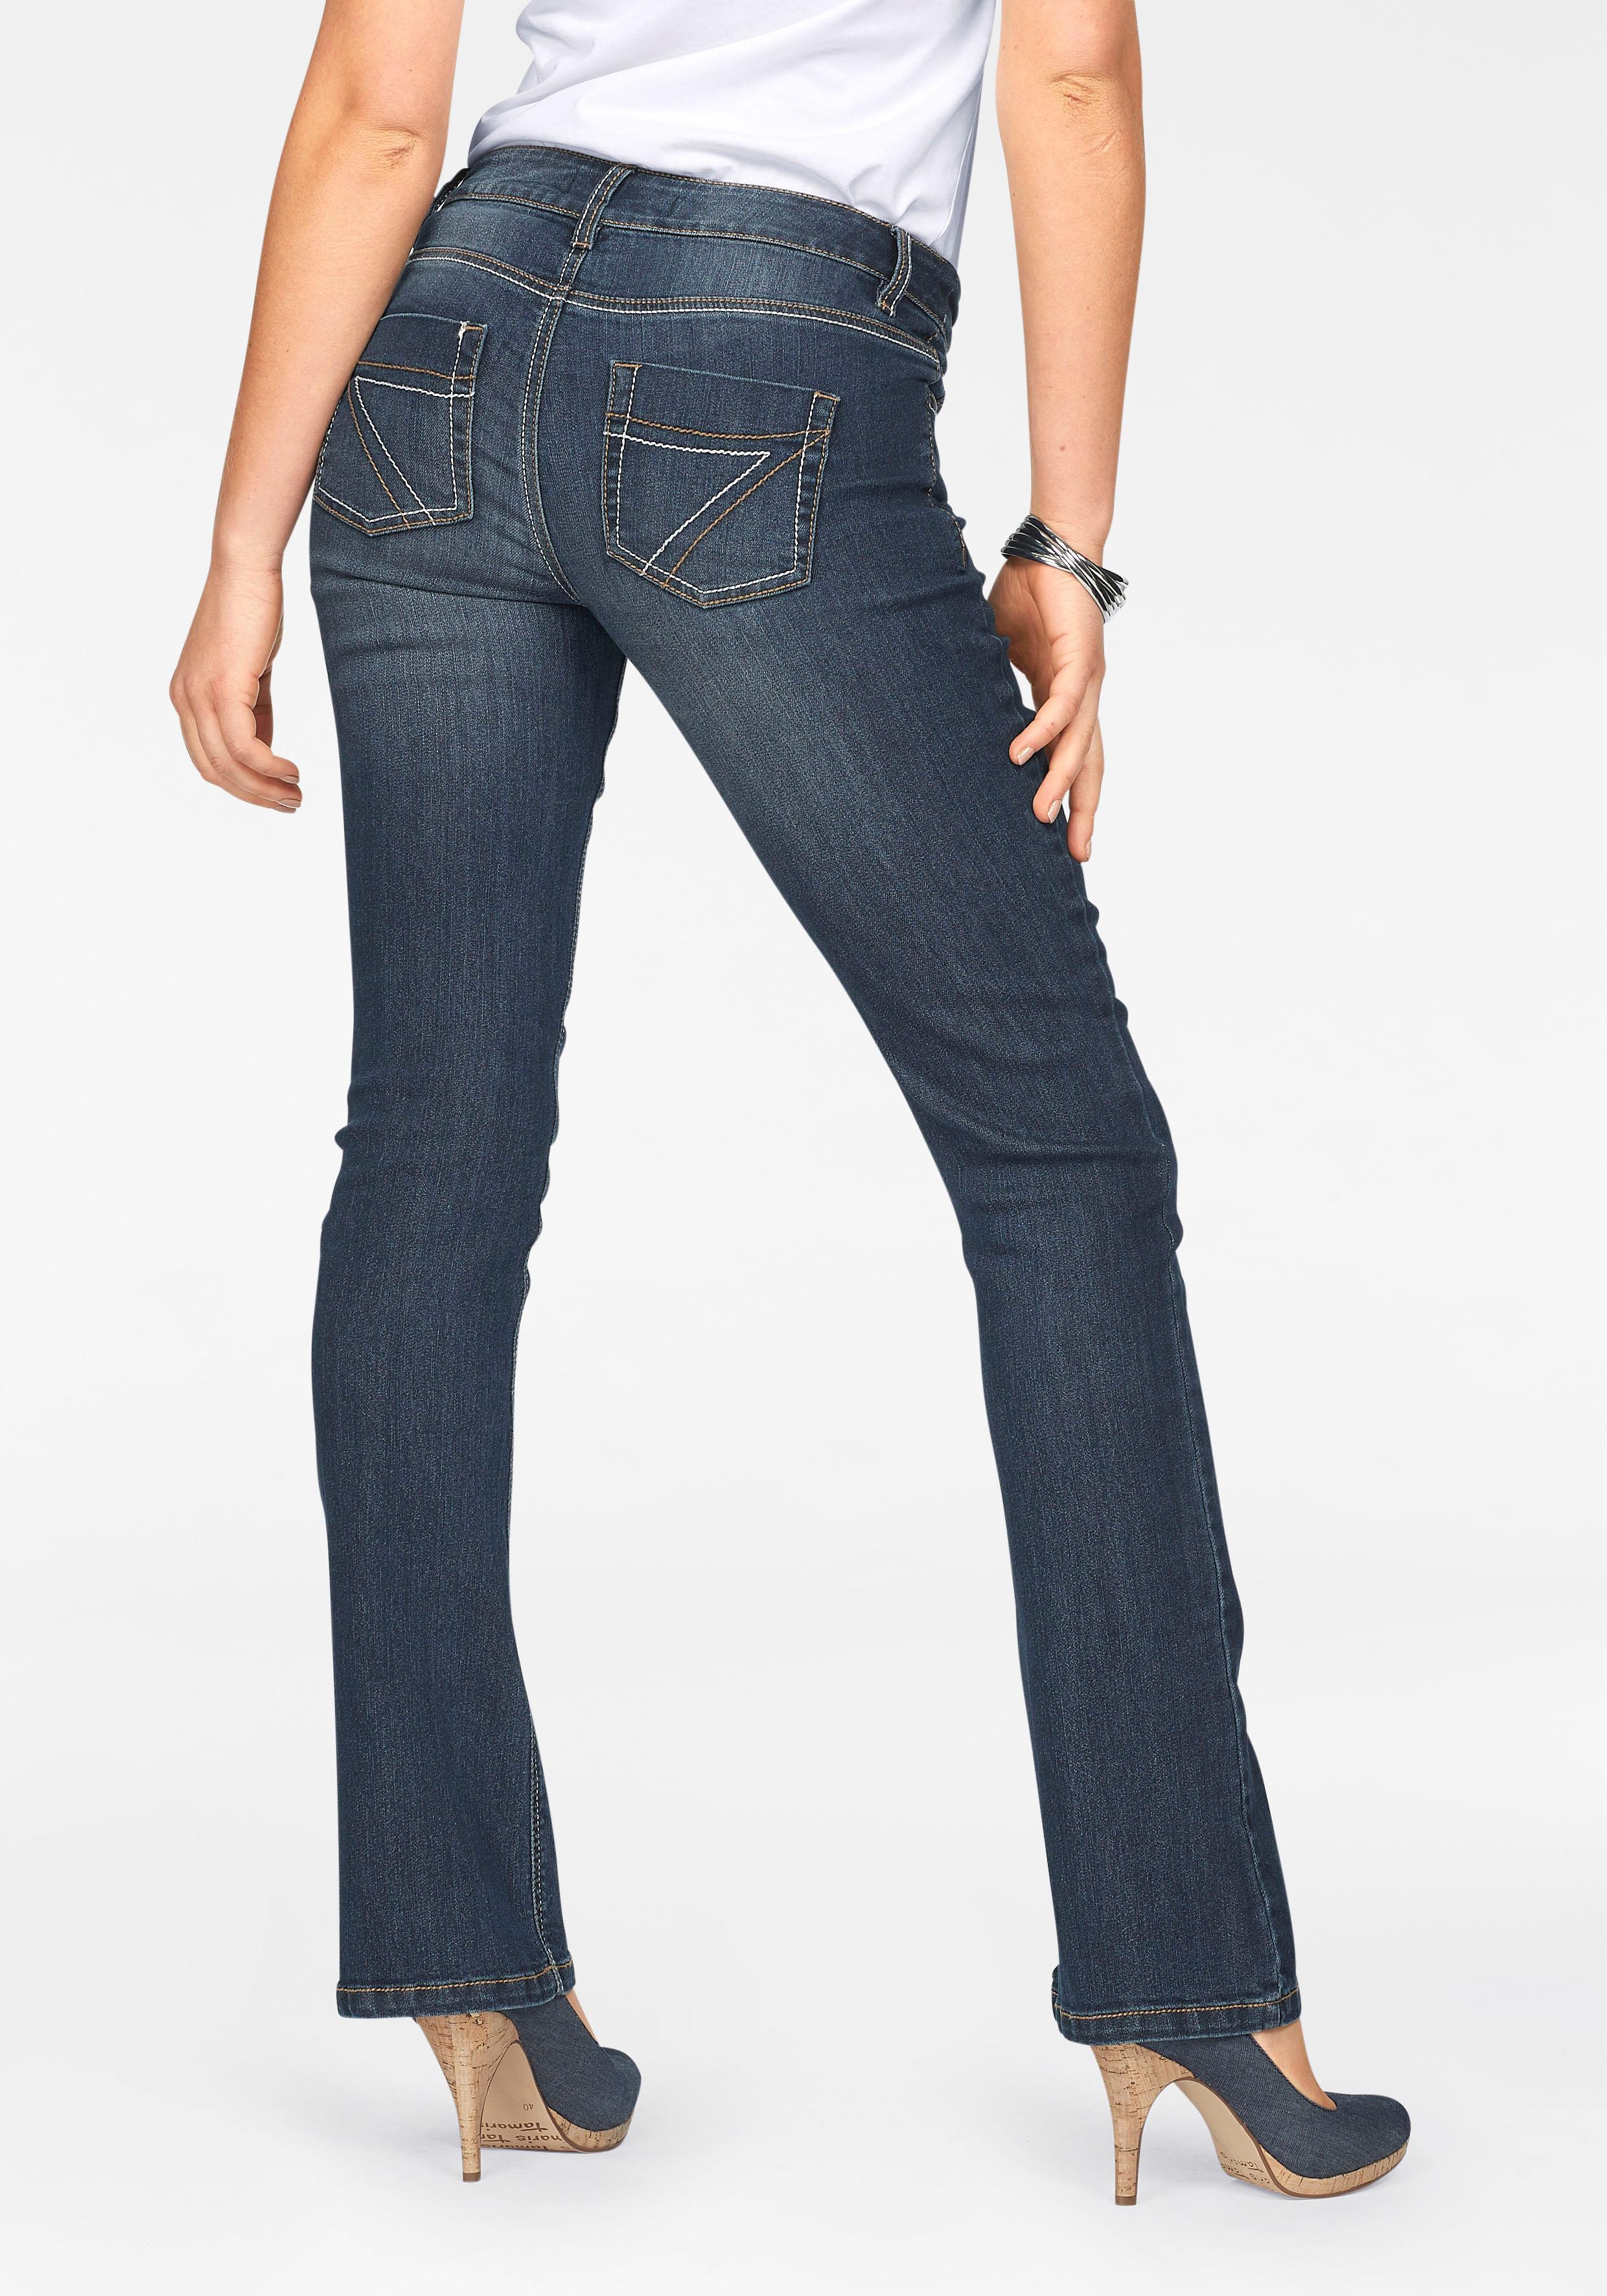 Image of Arizona Bootcut-Jeans »mit Kontrastnähten«